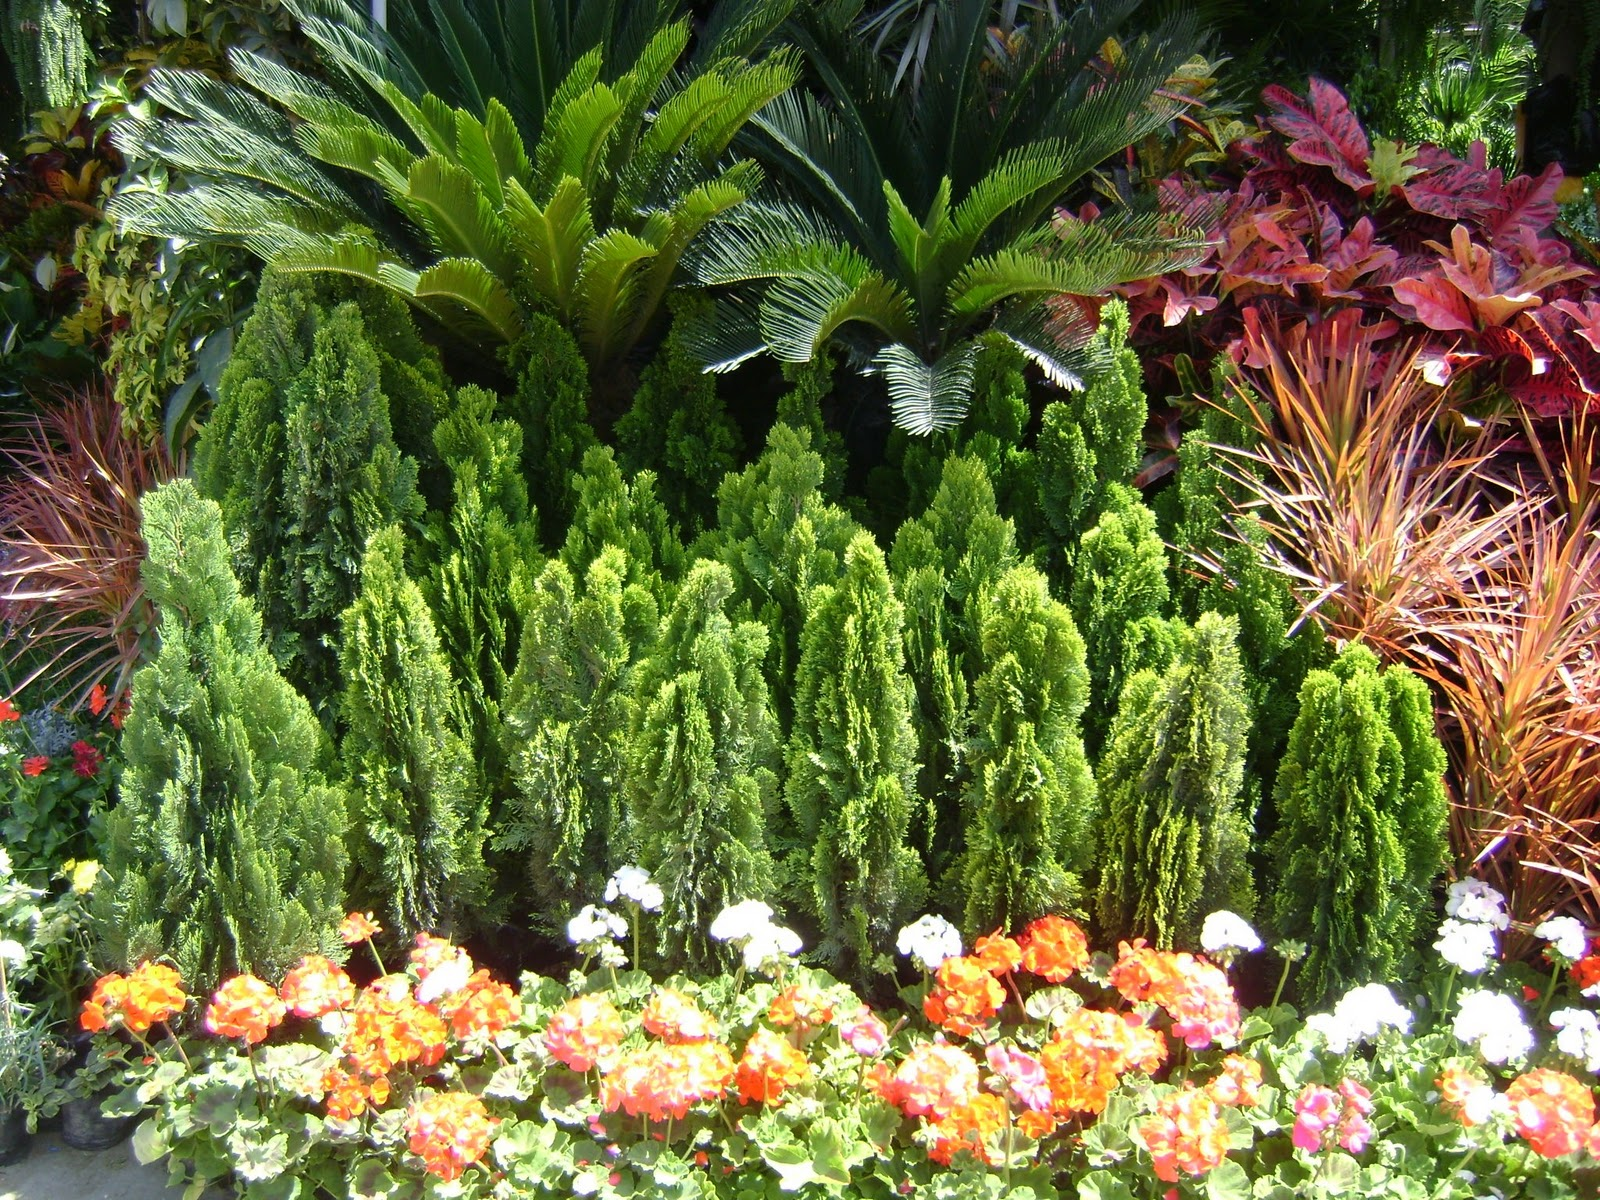 Jardines y macetas fotos de plantas de interior y exterior - Fotos de jardines ...